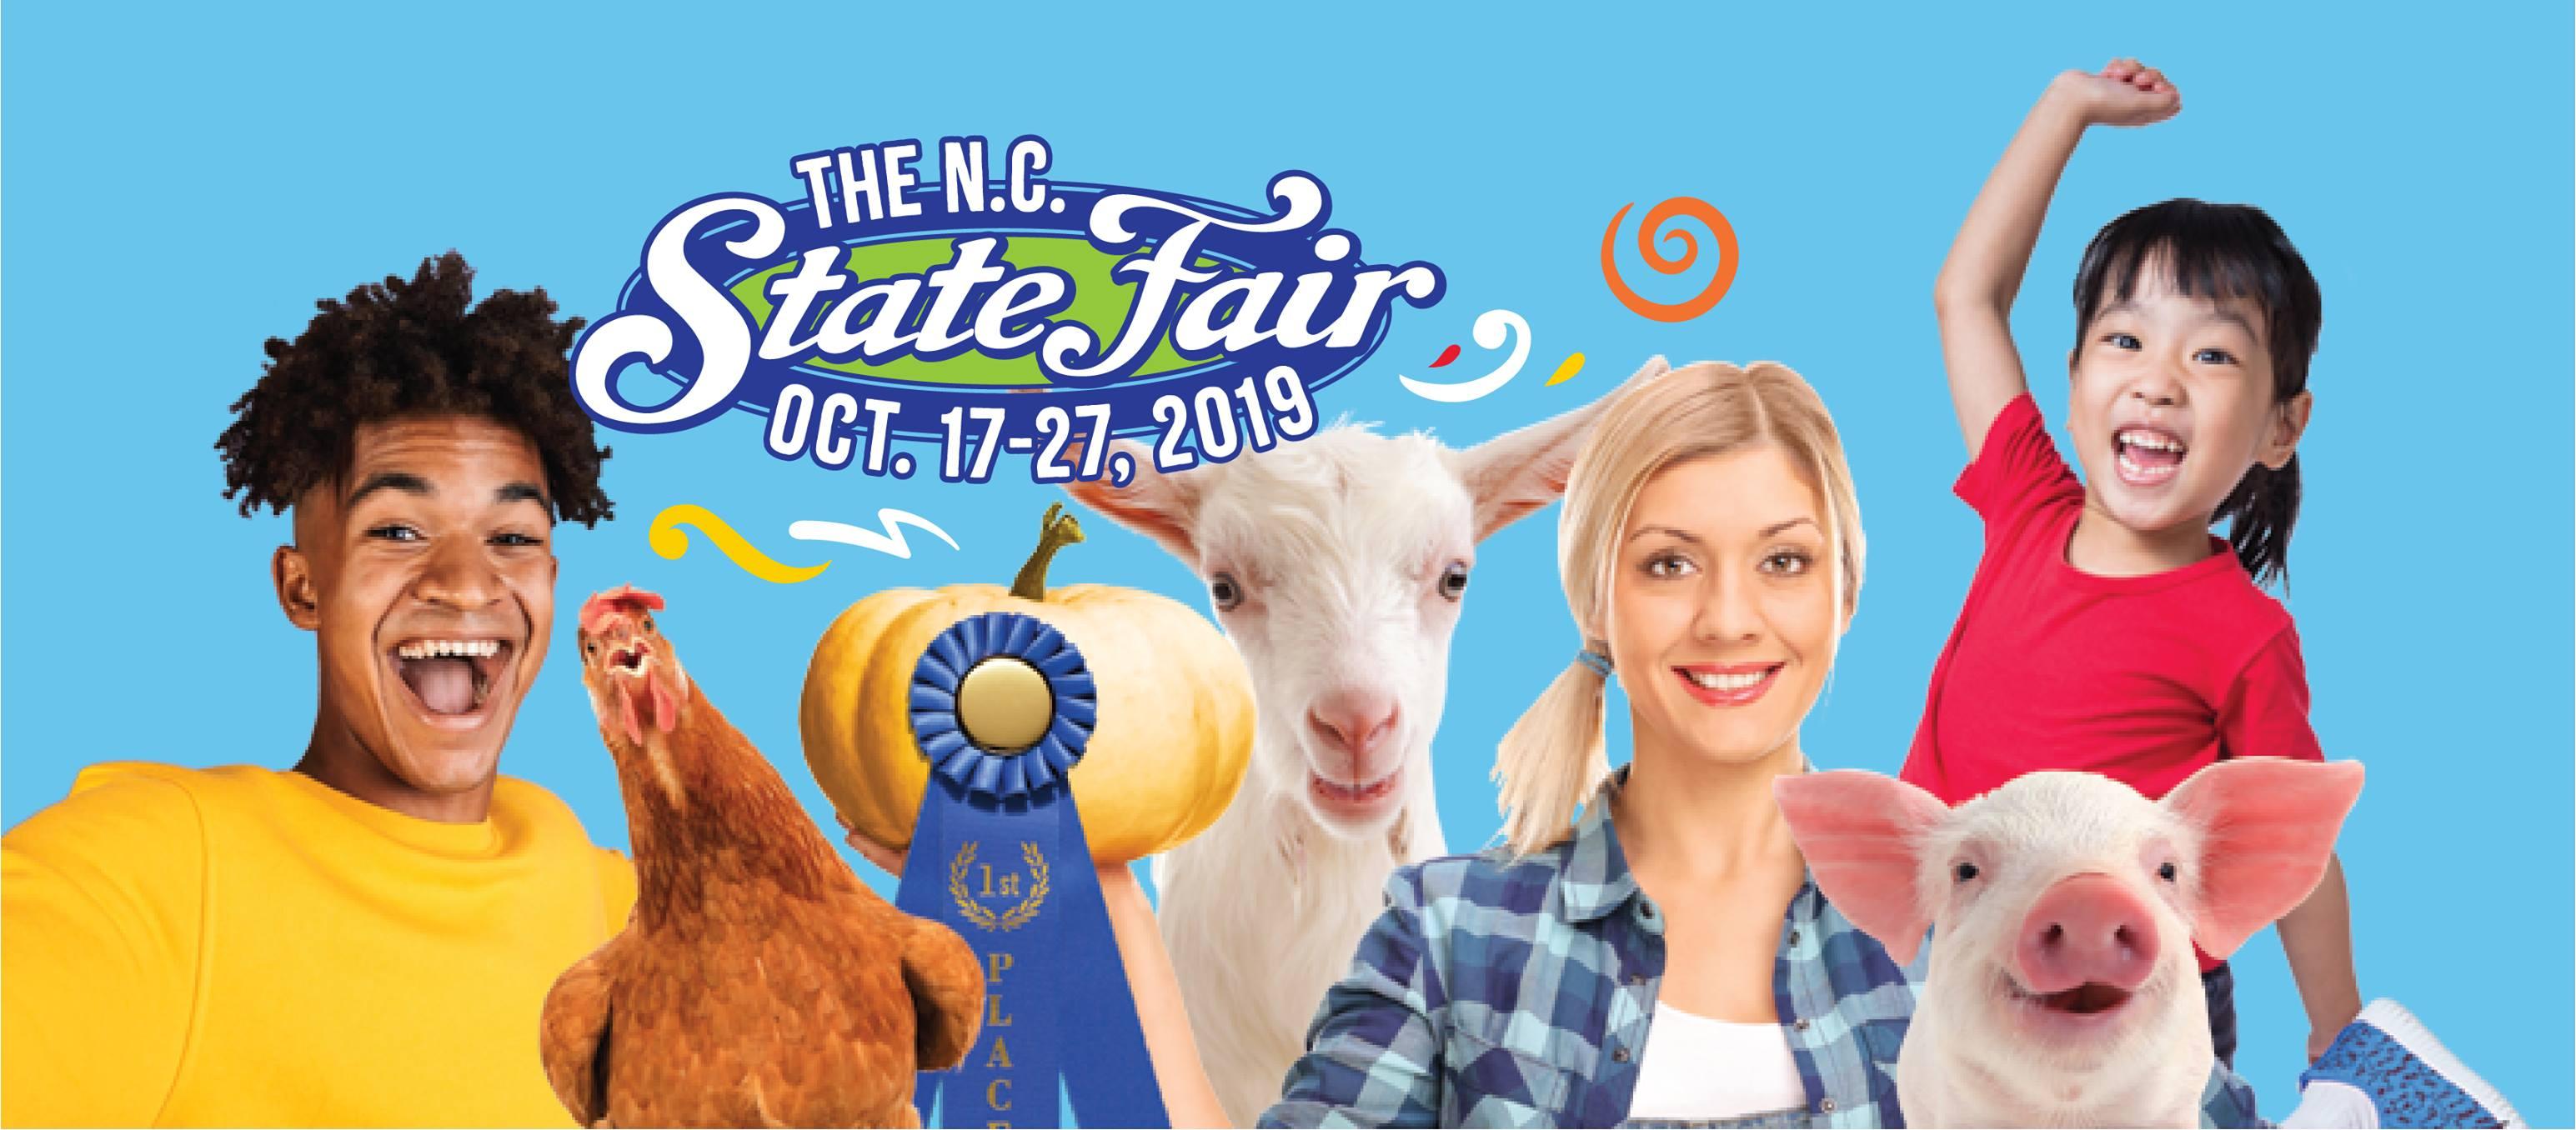 HREG NC State Fair Fun Contest